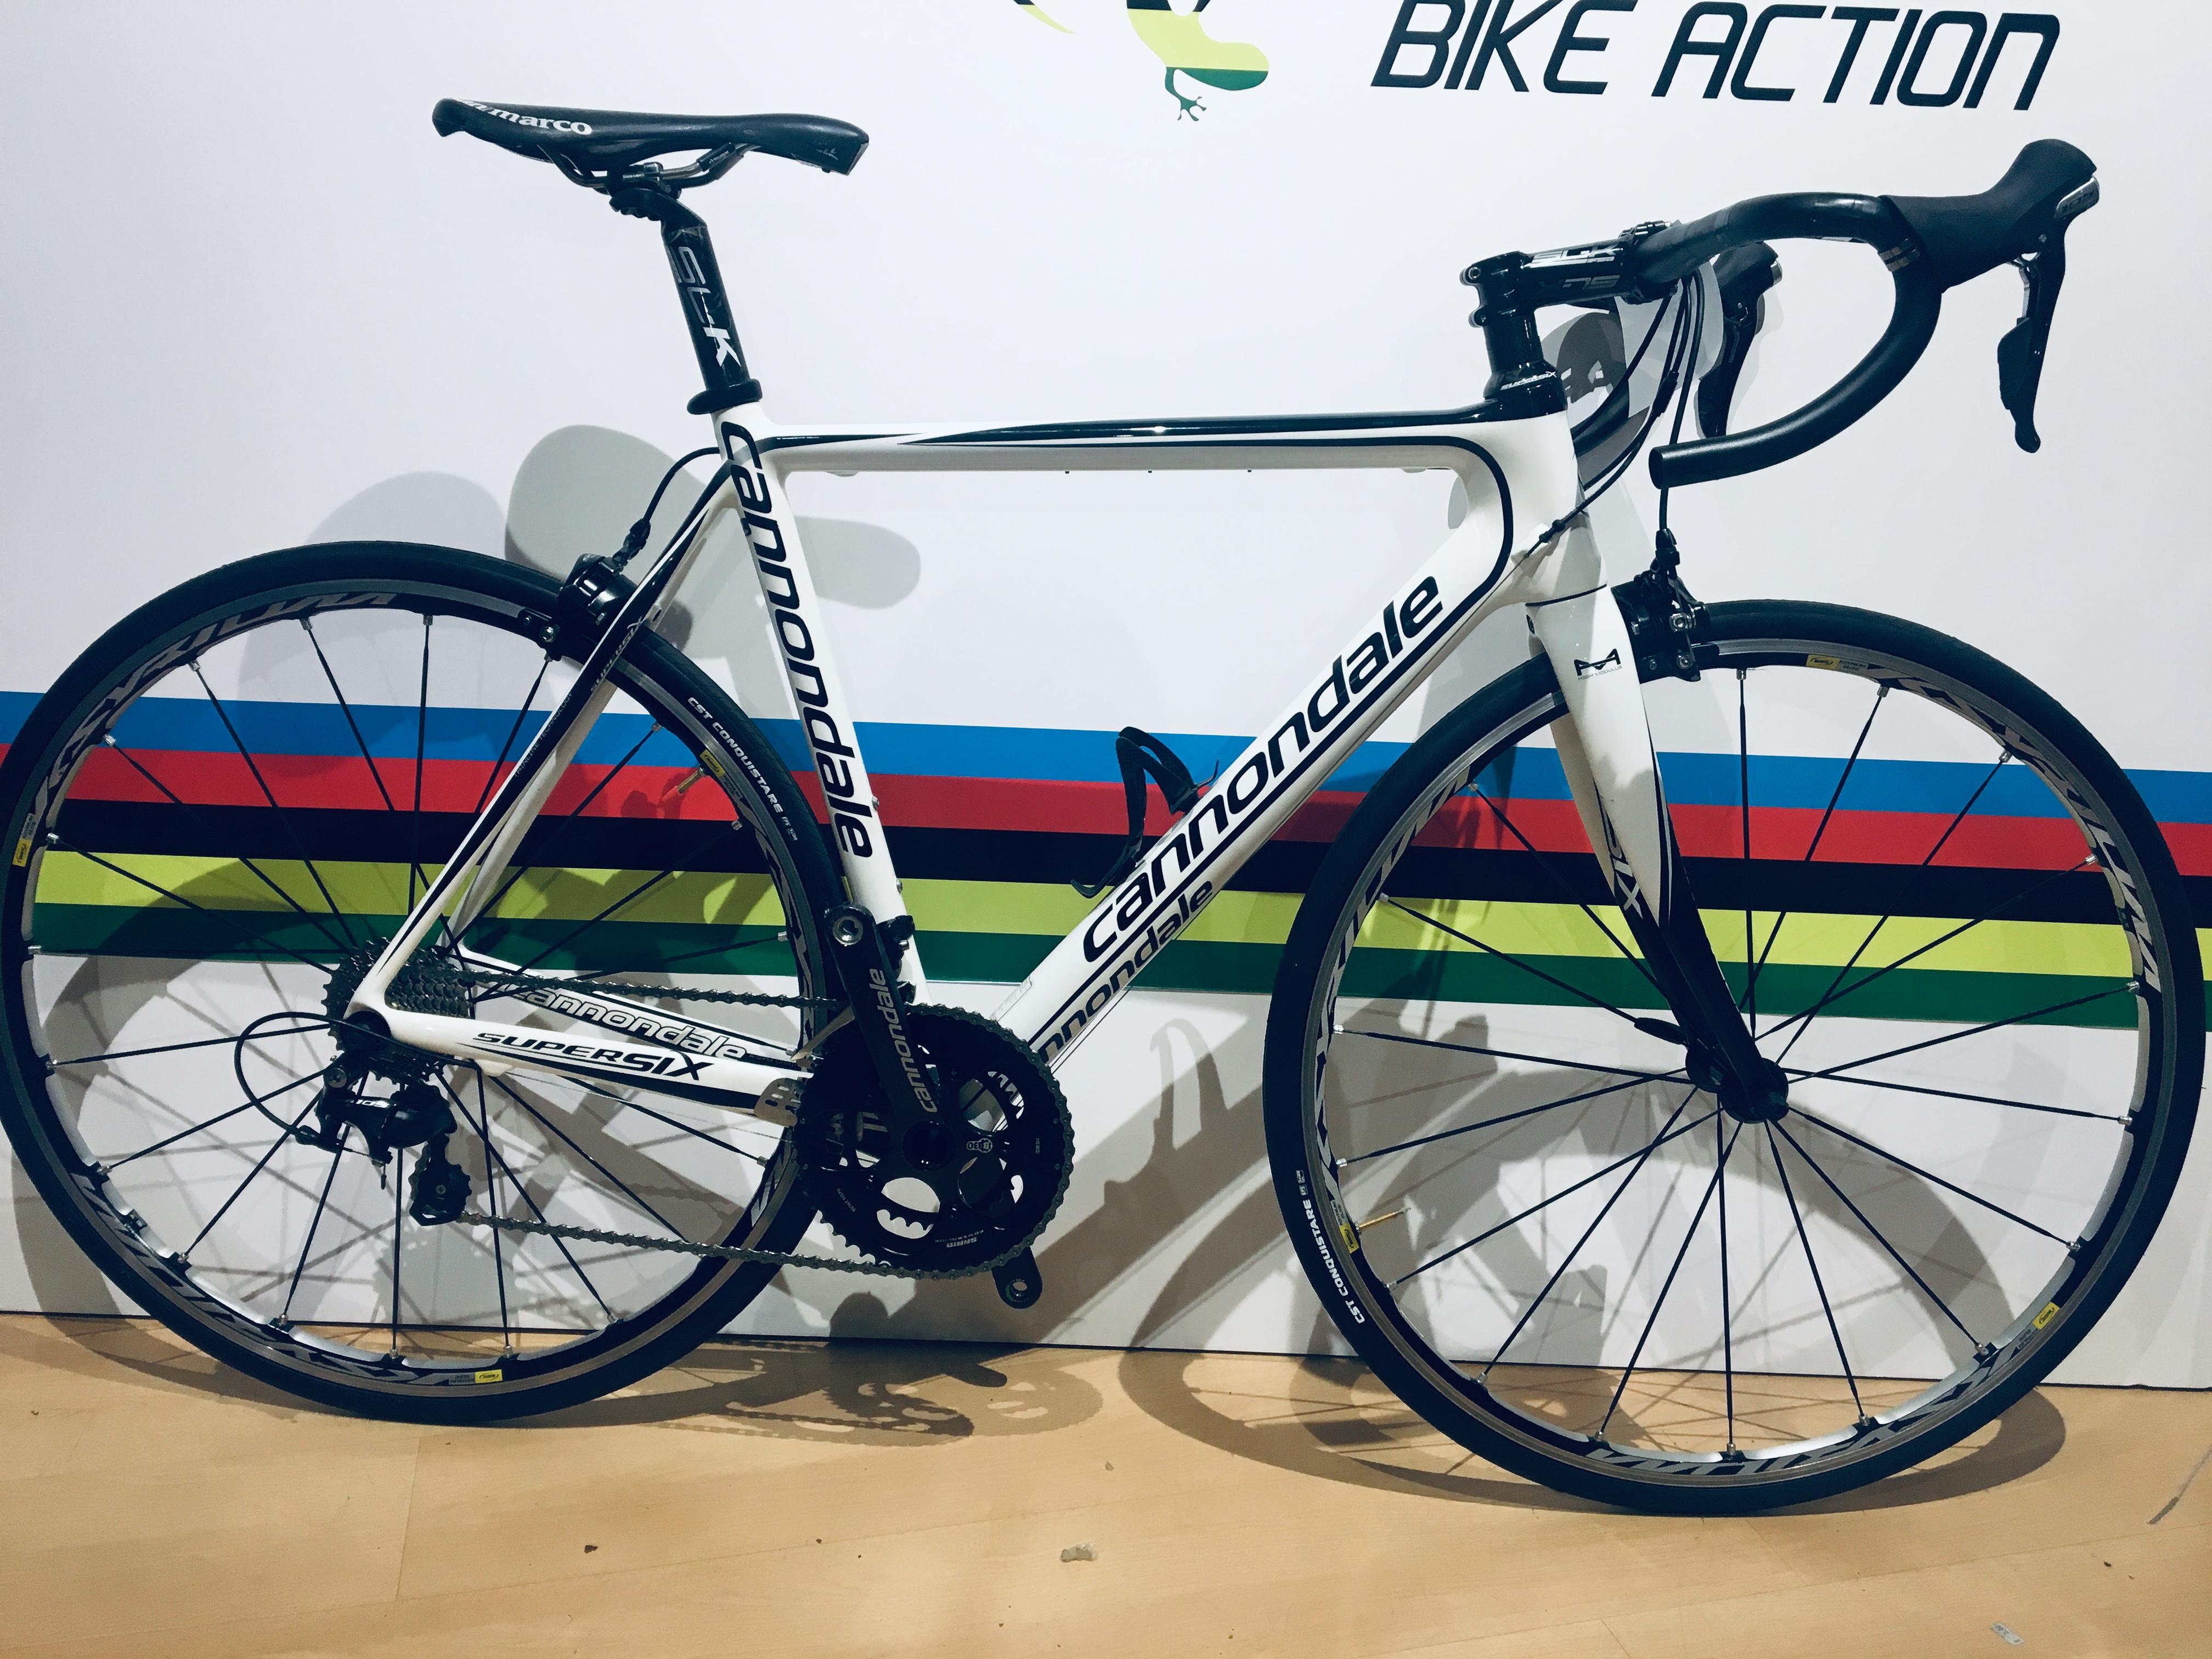 Rubata una bici da corsa a Priolo Gargallo: preso e denunciato 23enne